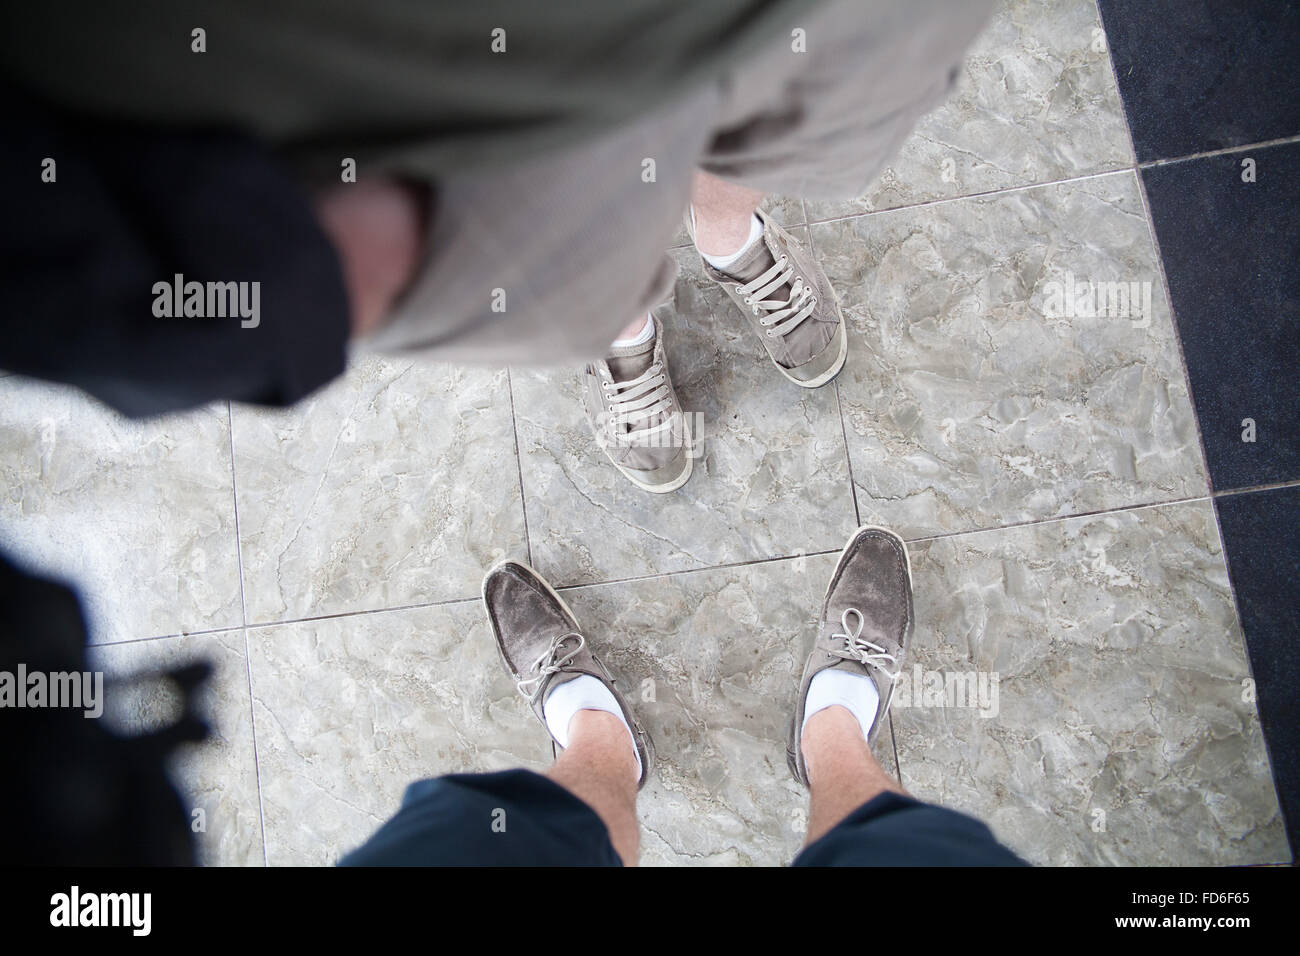 High Angle View Of Human Feet - Stock Image